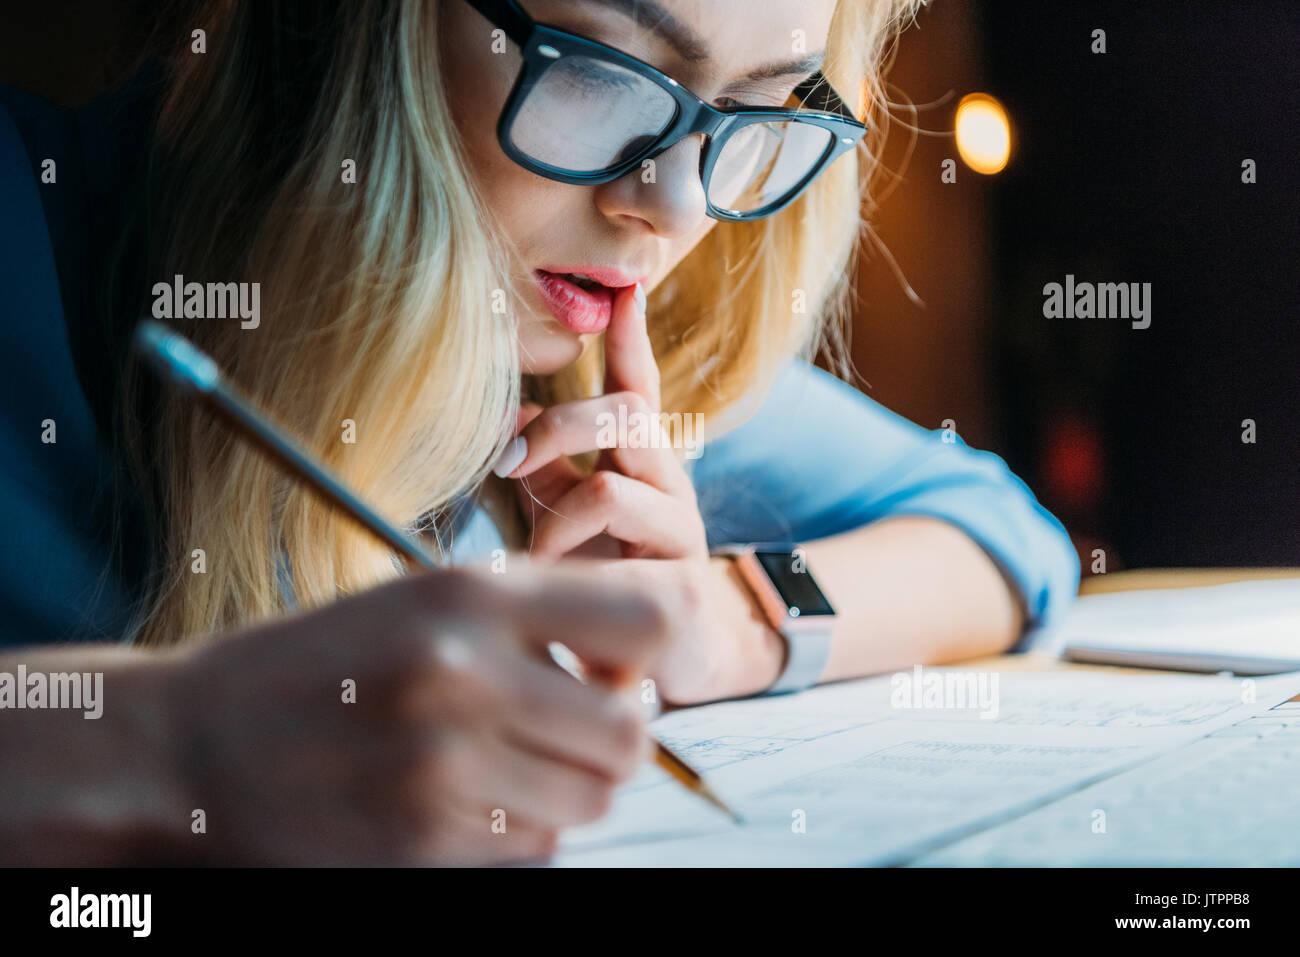 Jeune blond caucasian student dans lunettes penser et écrire quelque chose avec un crayon, étudiant jusqu'à tard Photo Stock